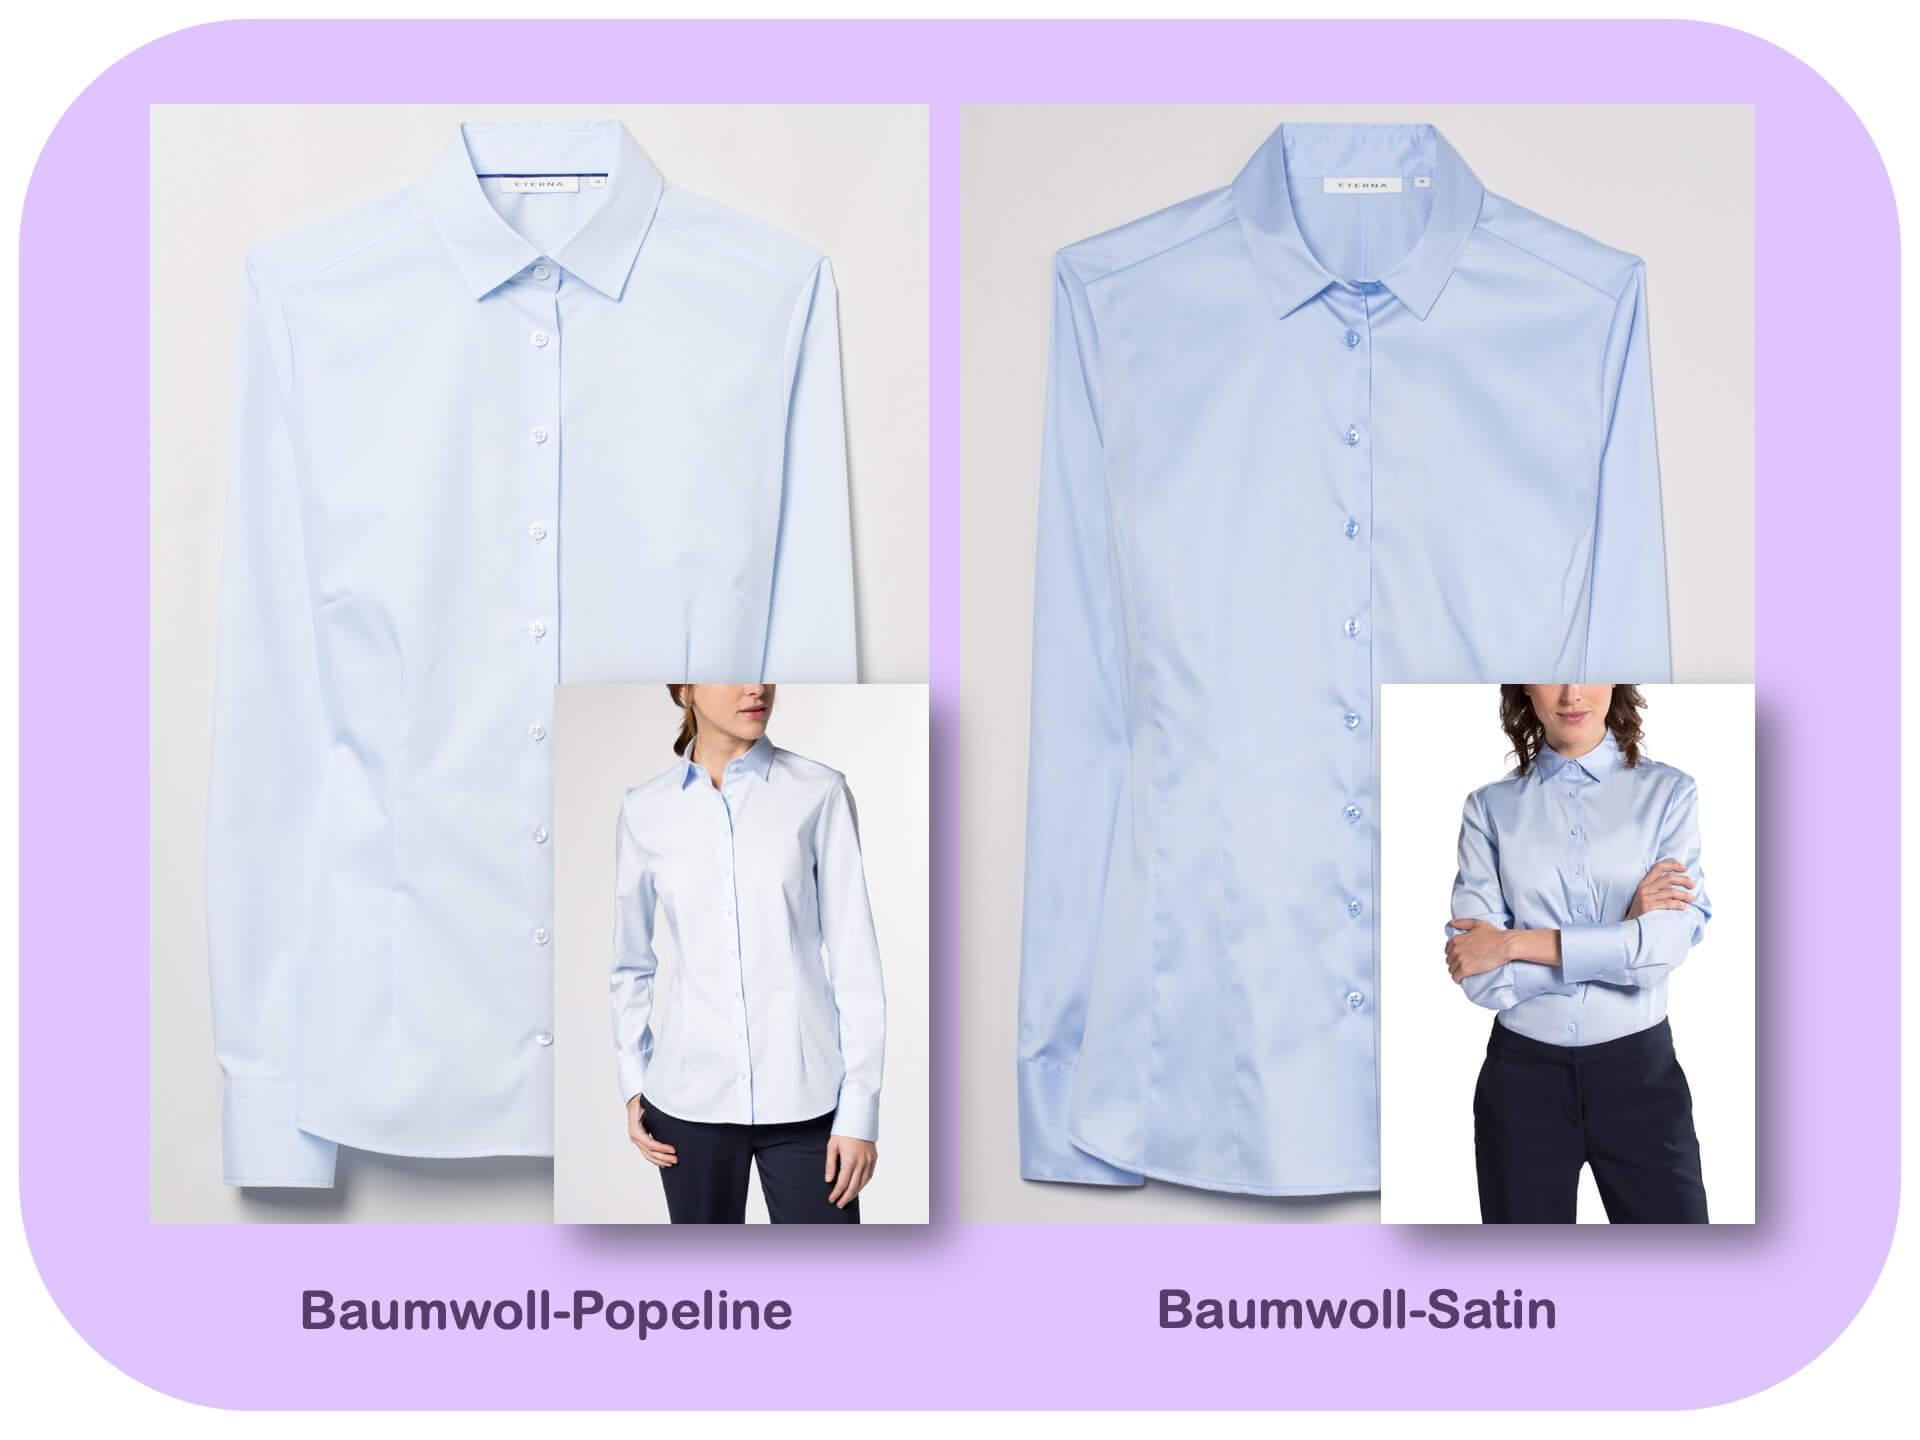 Blusen-Qualität: Baumwoll-Satin und -Popeline